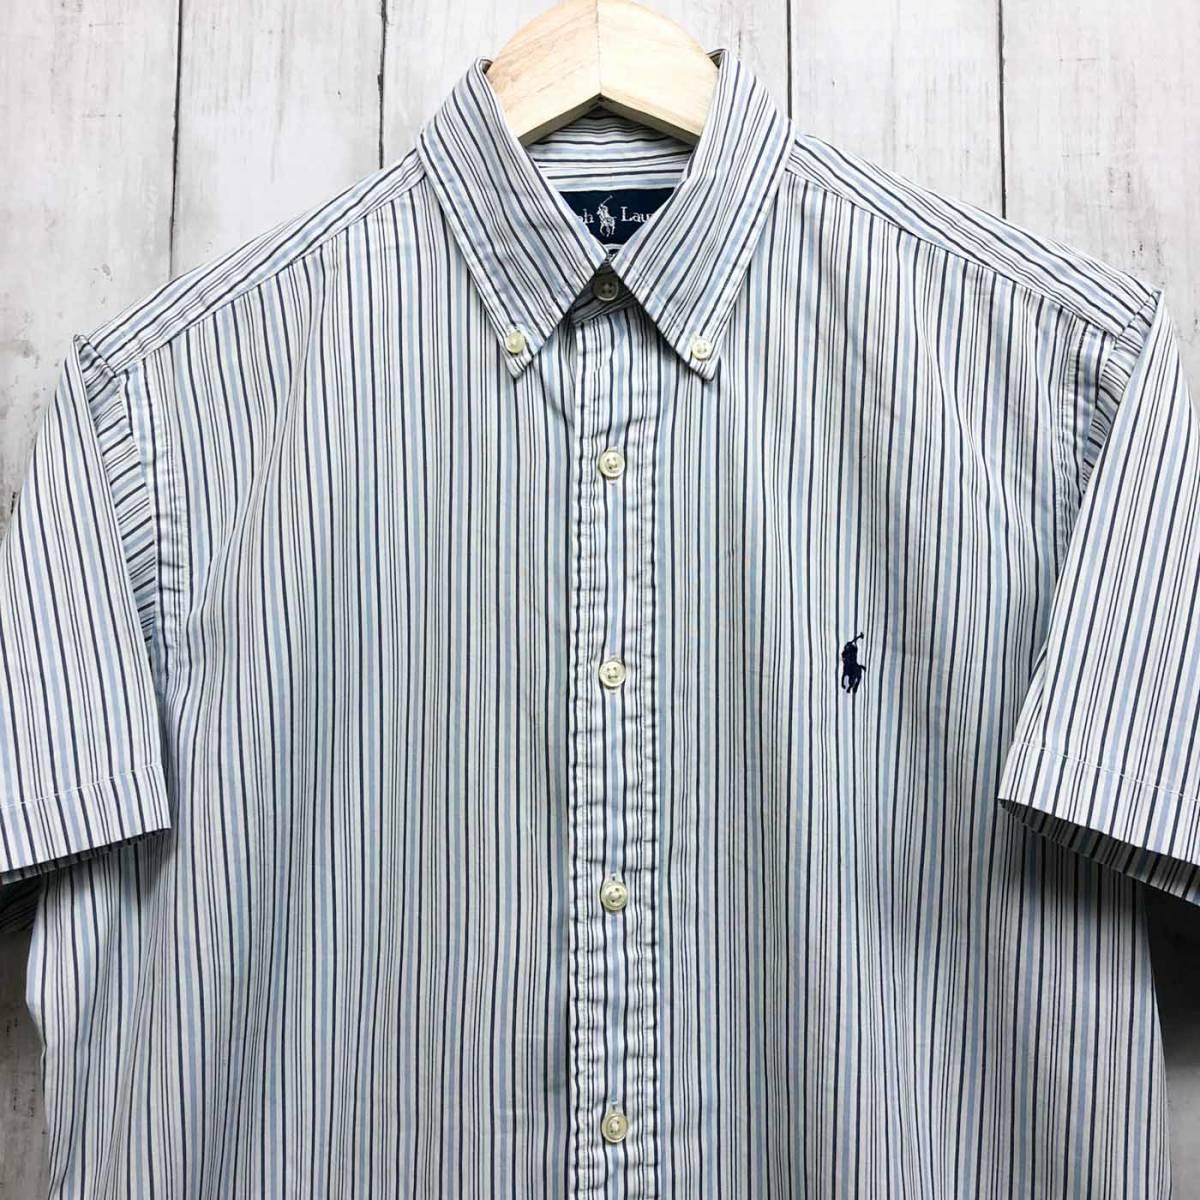 ラルフローレン POLO Ralph Lauren Polo 半袖シャツ メンズ ワンポイント サイズ15(S~Mサイズ相当) 7-177_画像1